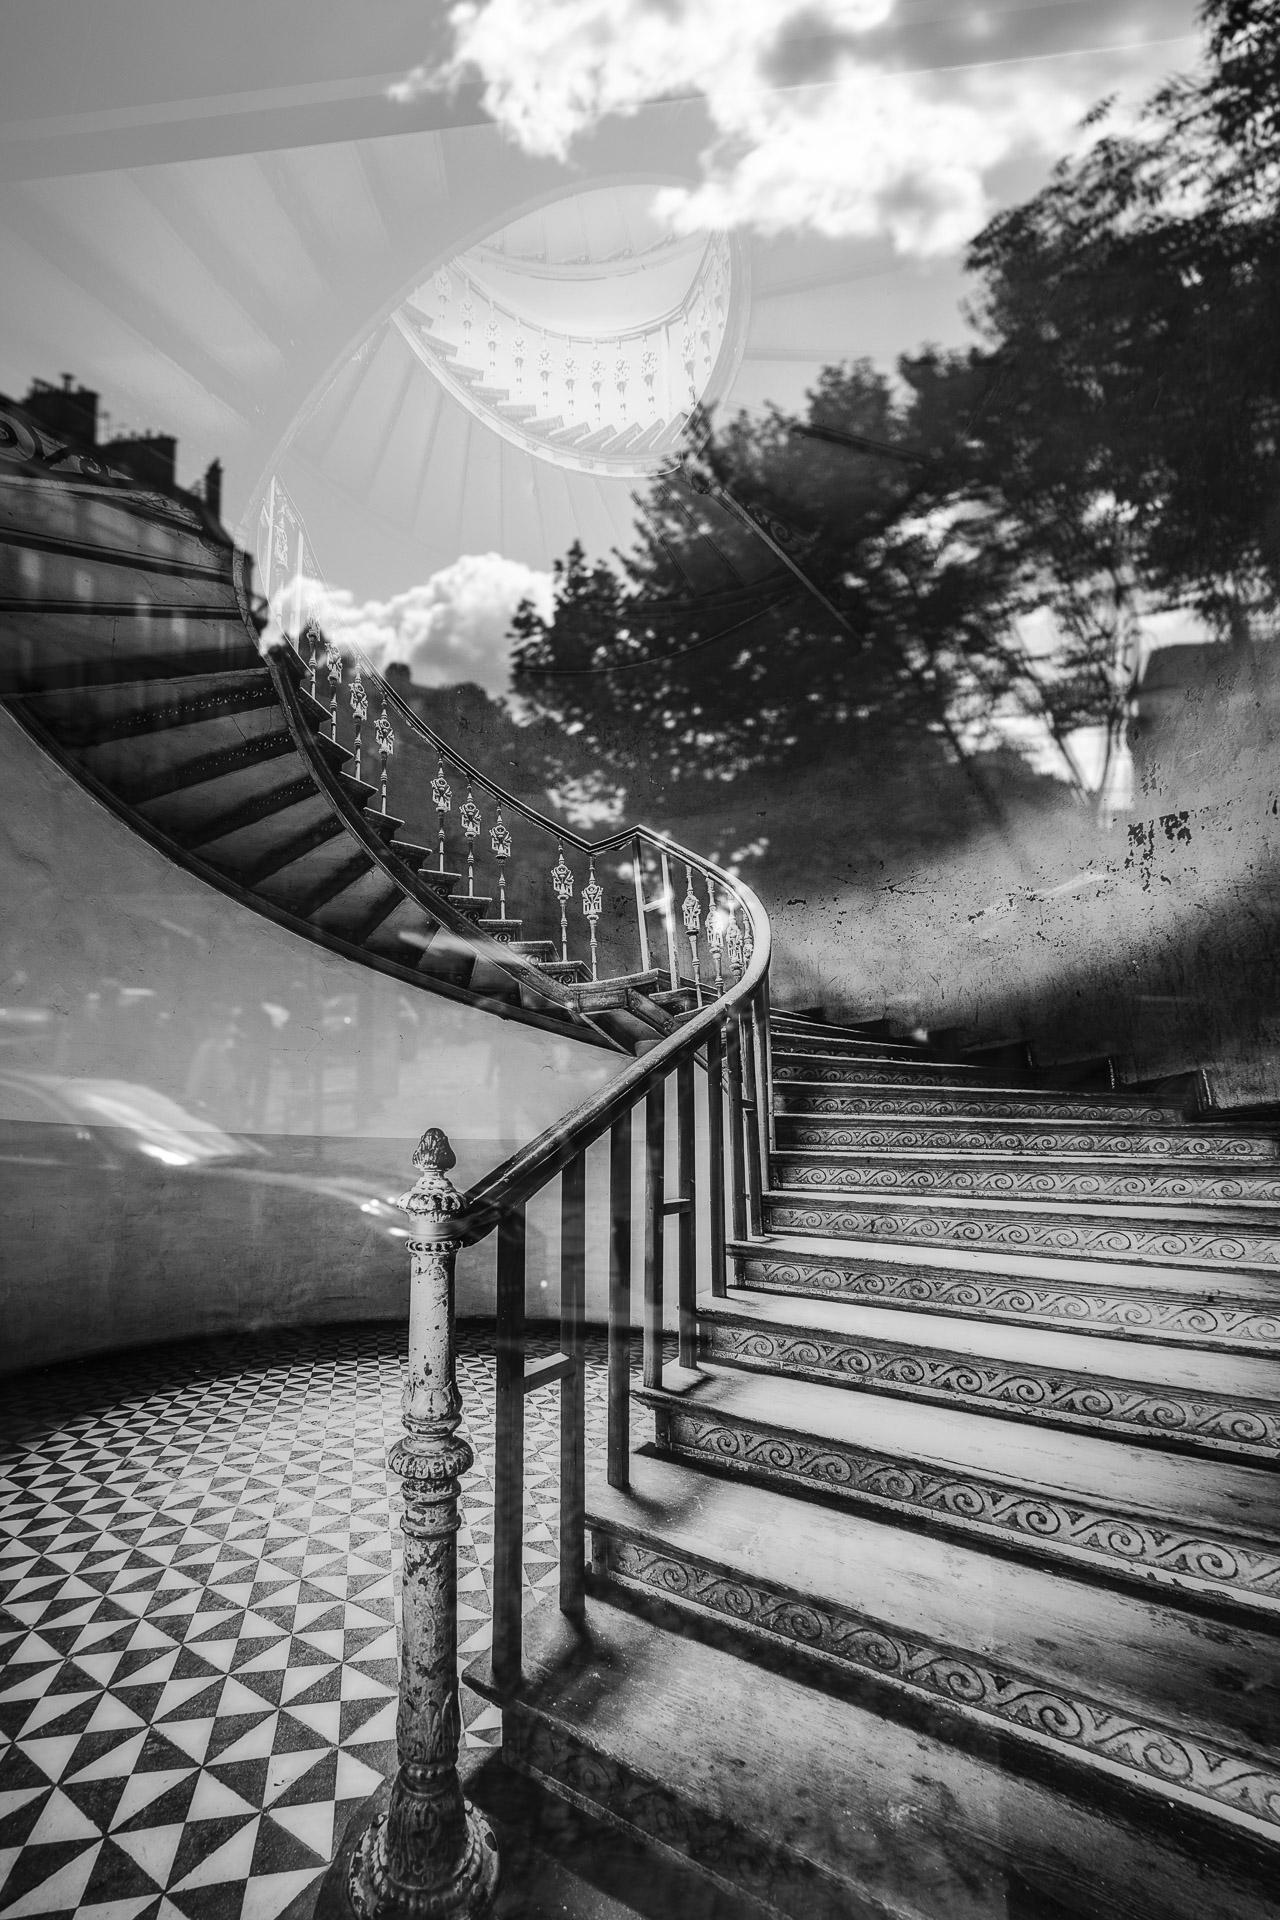 Fotowerk Kunstfotografie - Spiegelbilder - Himmelstreppe